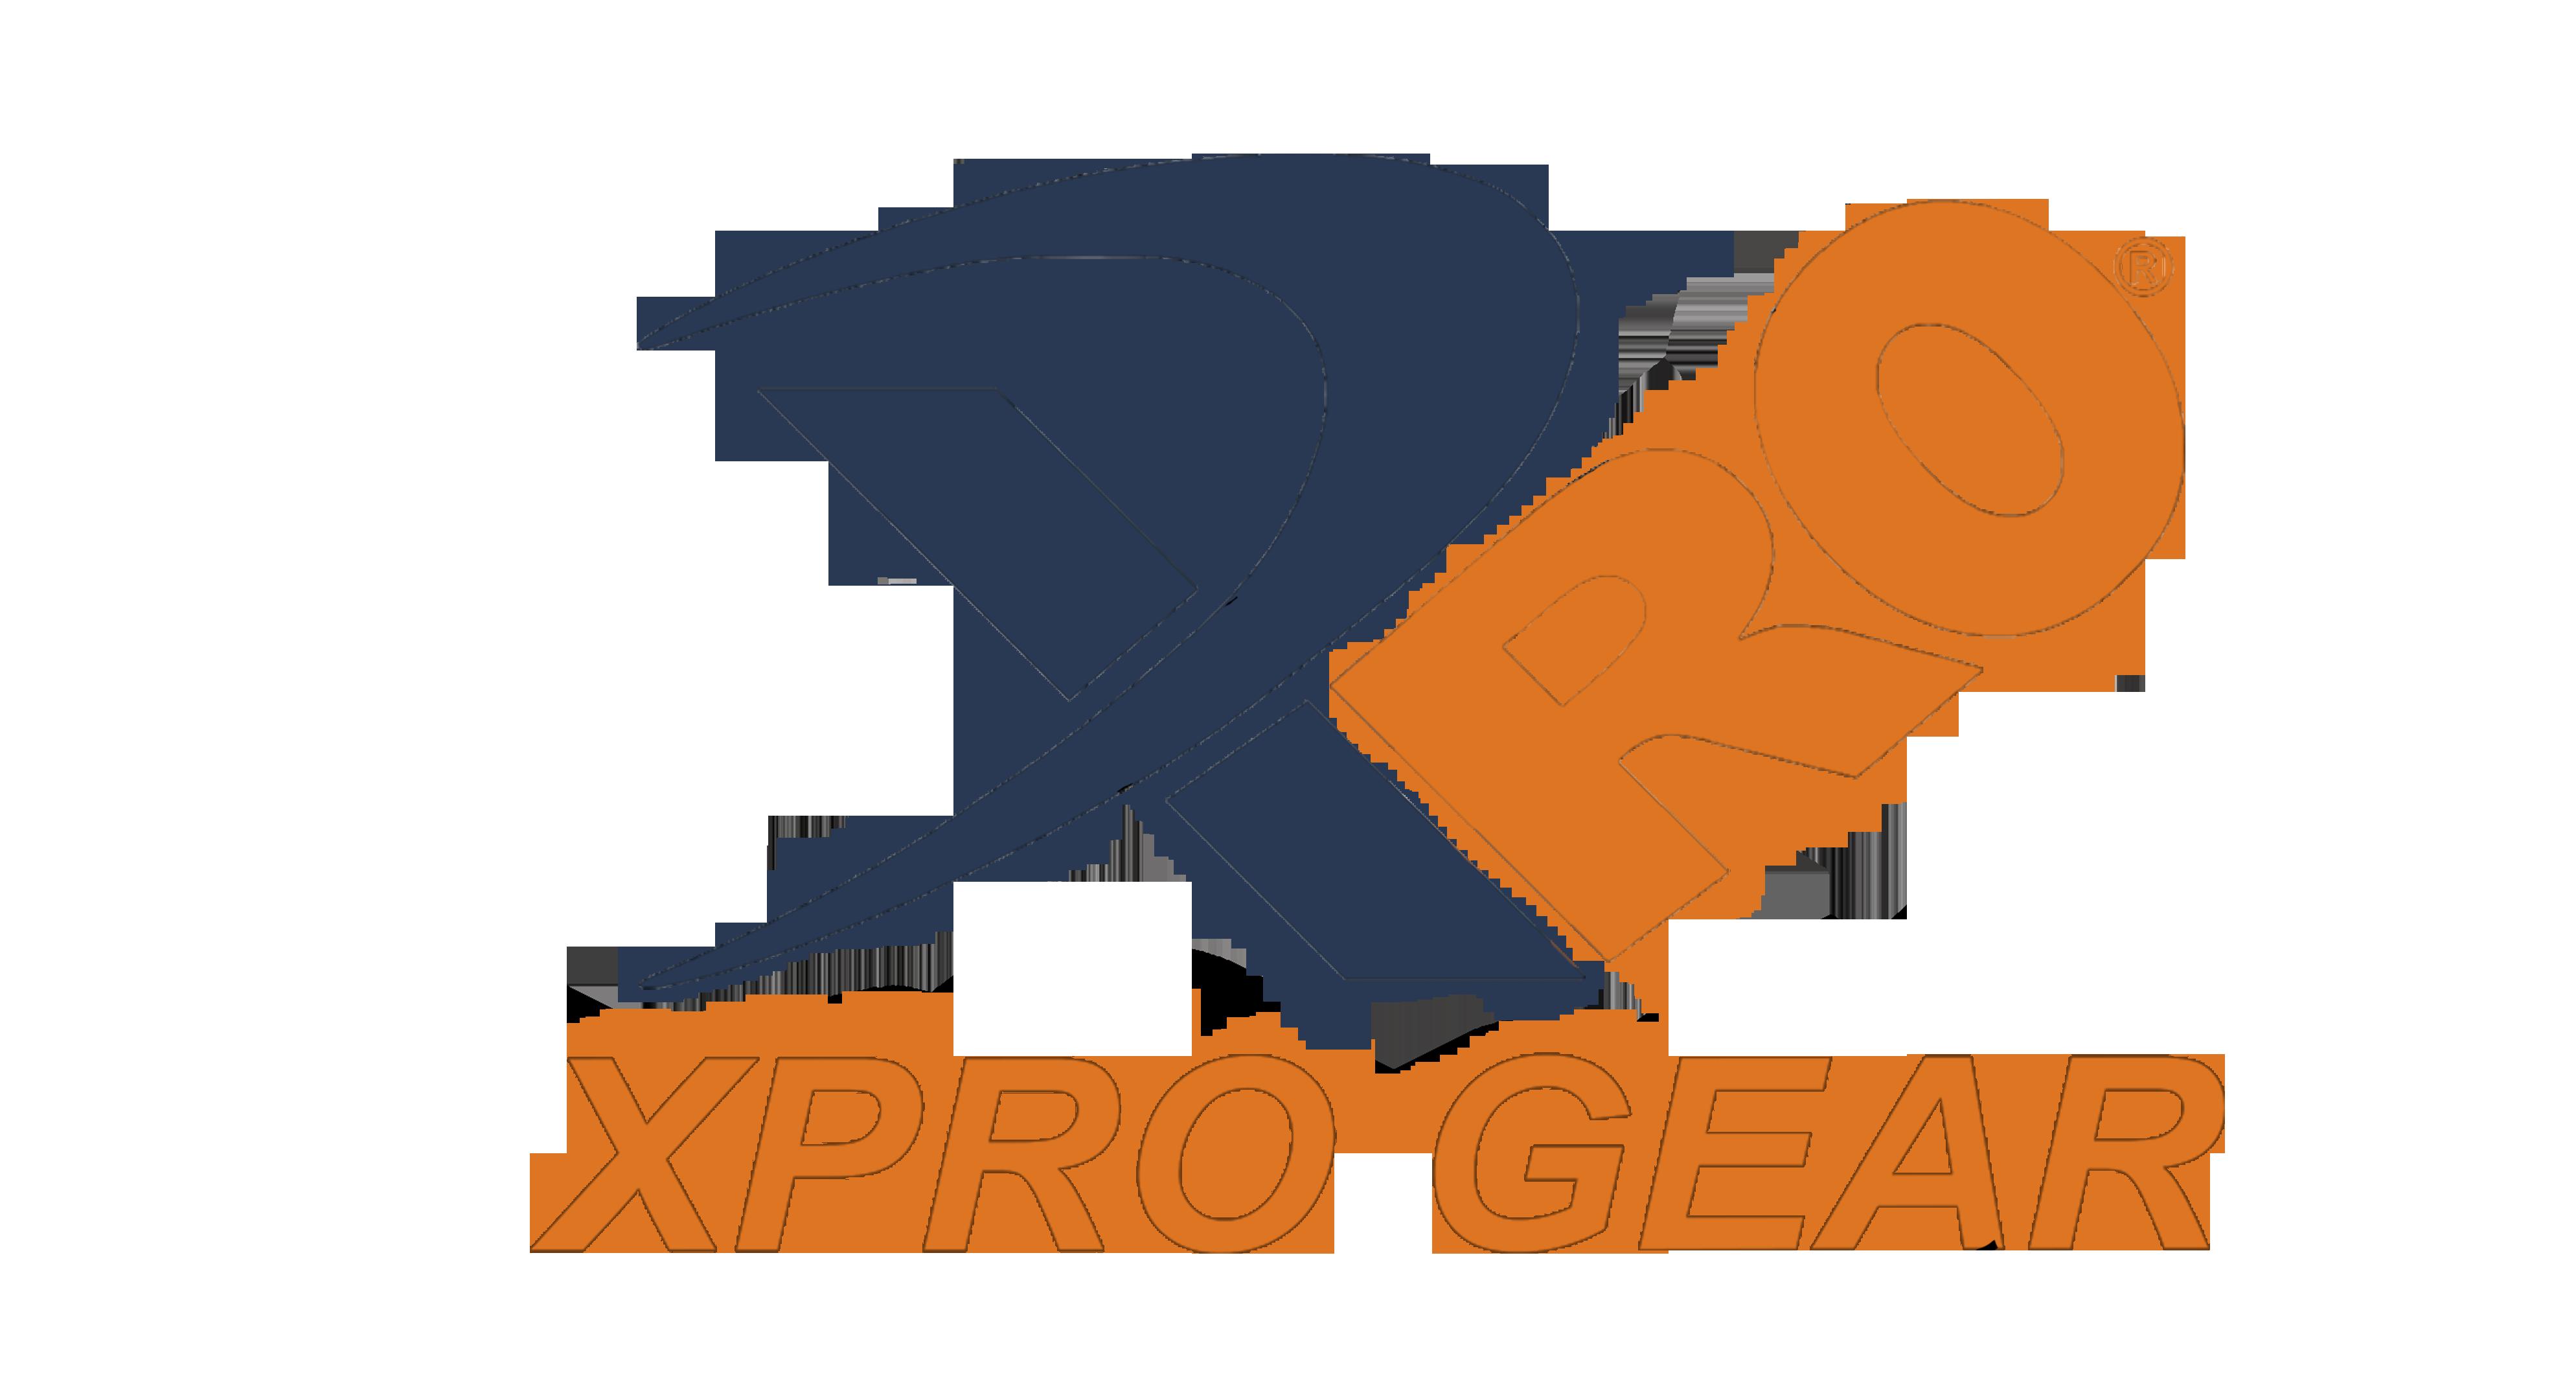 XPRO_logo_blueOrange